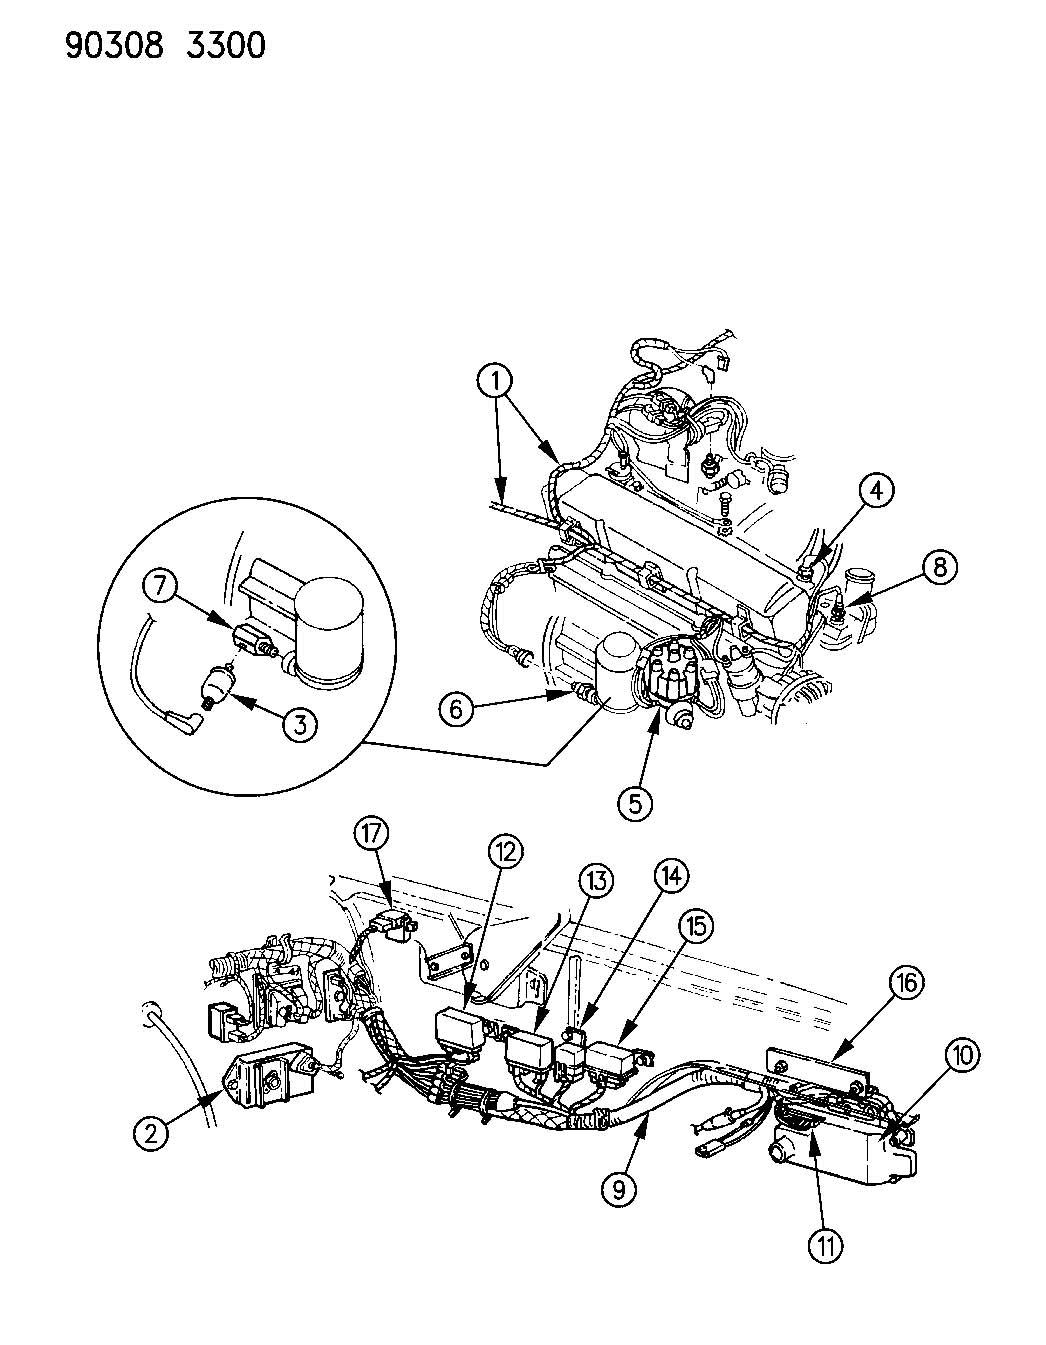 92 chrysler lebaron engine diagram 92 free engine image